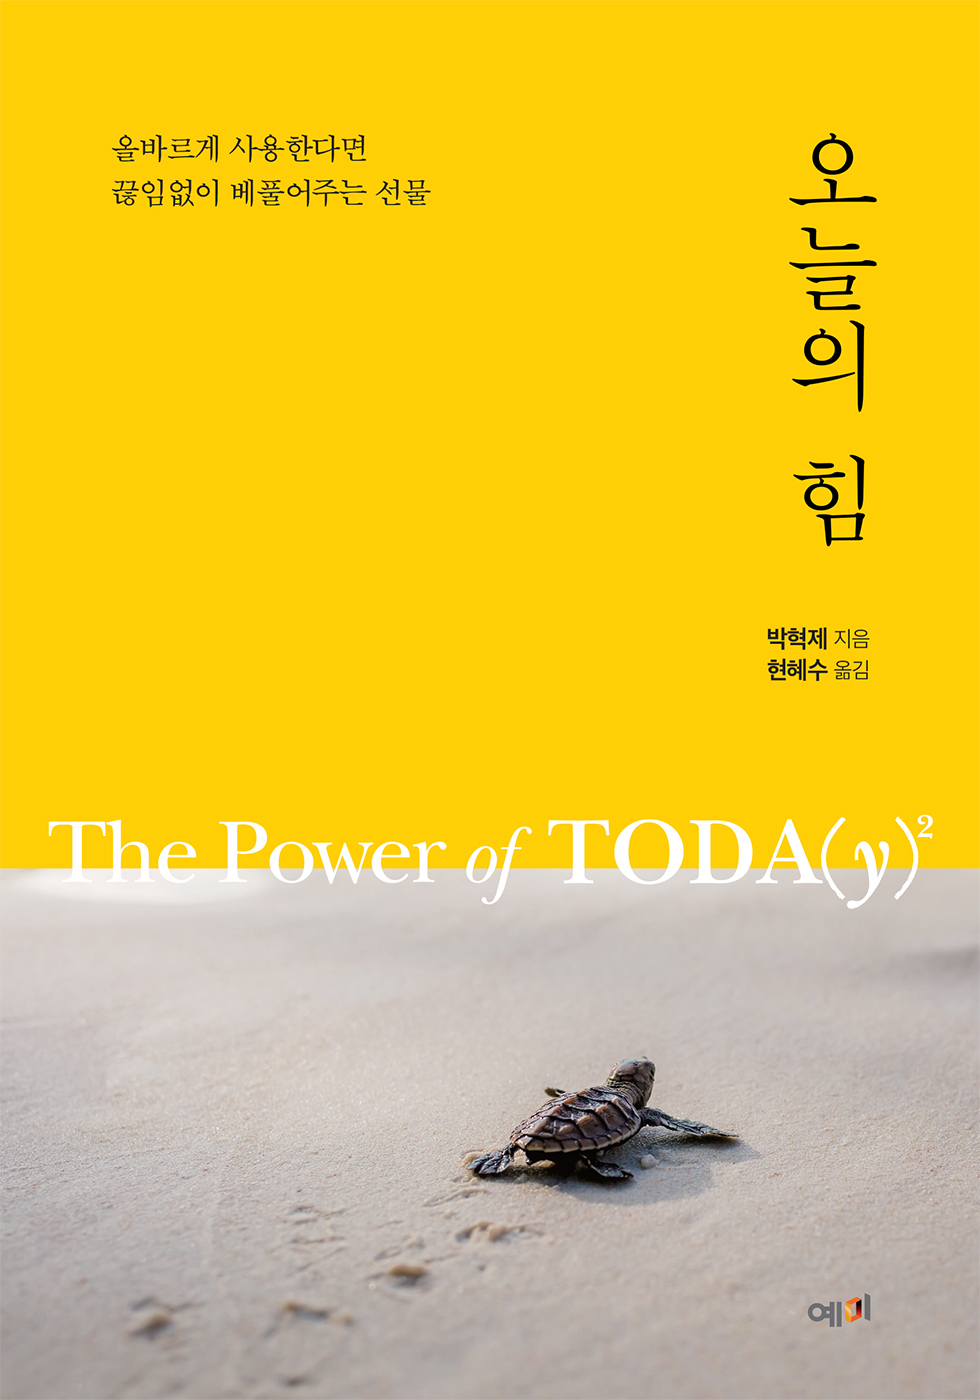 [오늘의 힘] 오늘의 힘 : 올바르게 사용한다면 끊임없이 베풀어주는 선물